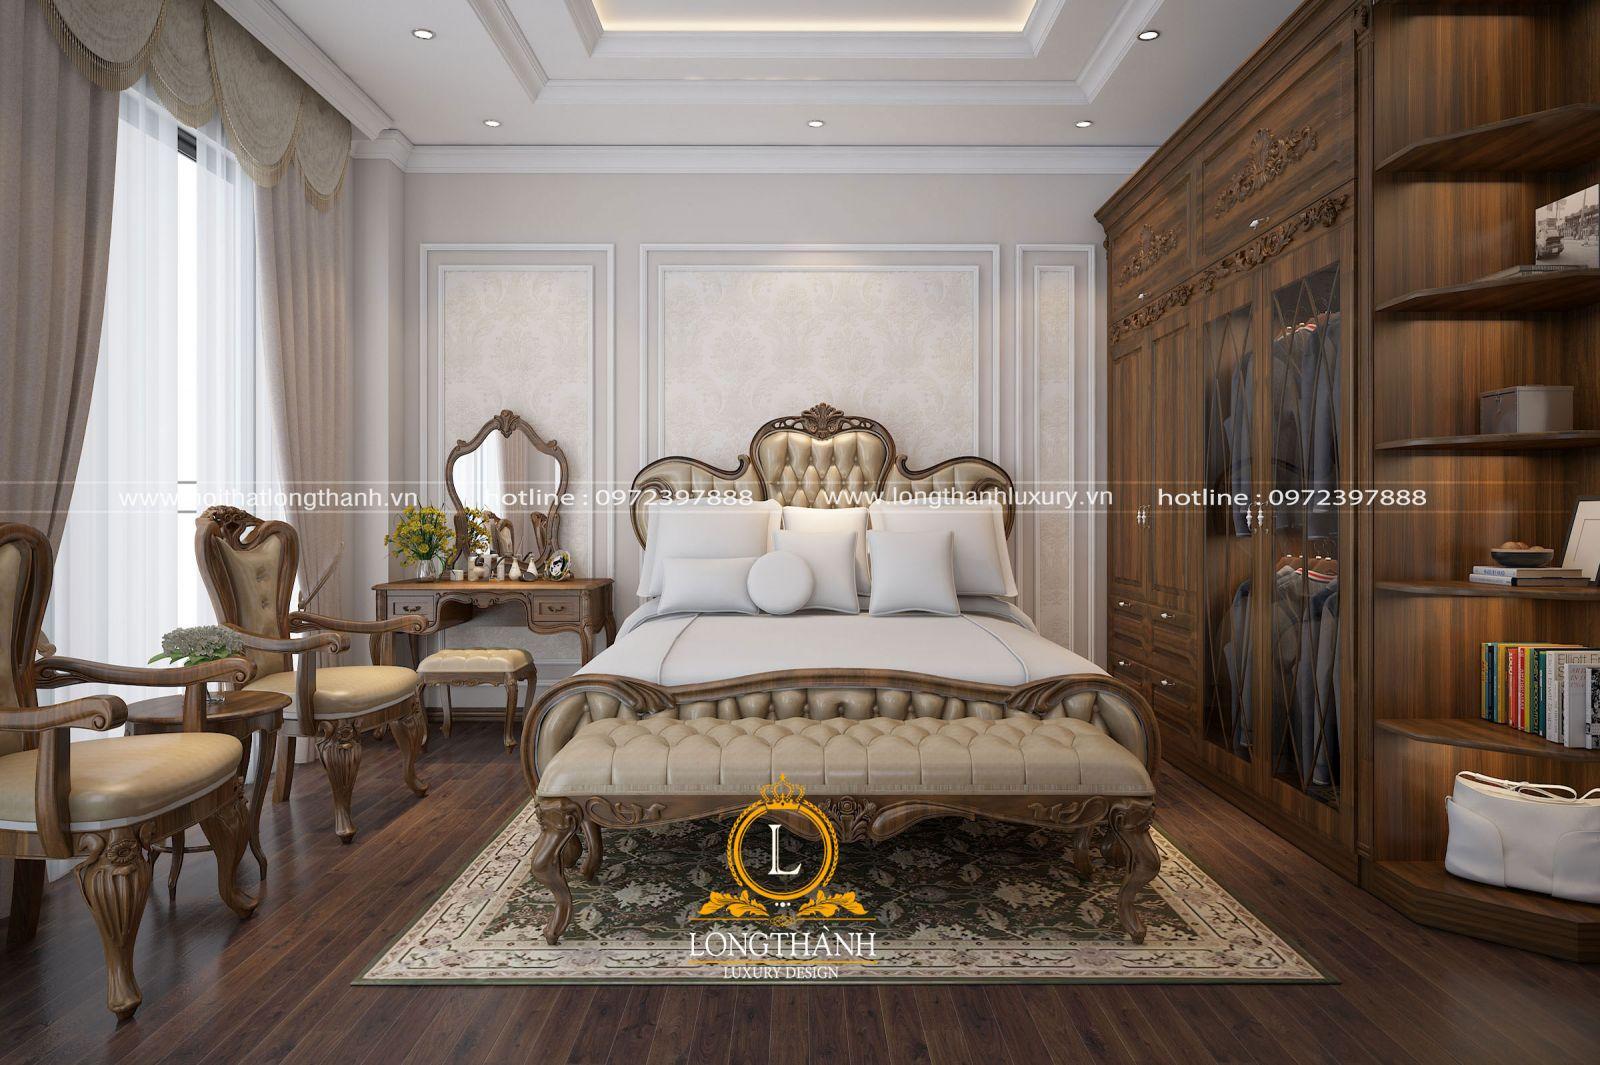 Phong cách thiết kế nội thất tân cổ điển cho phòng ngủ